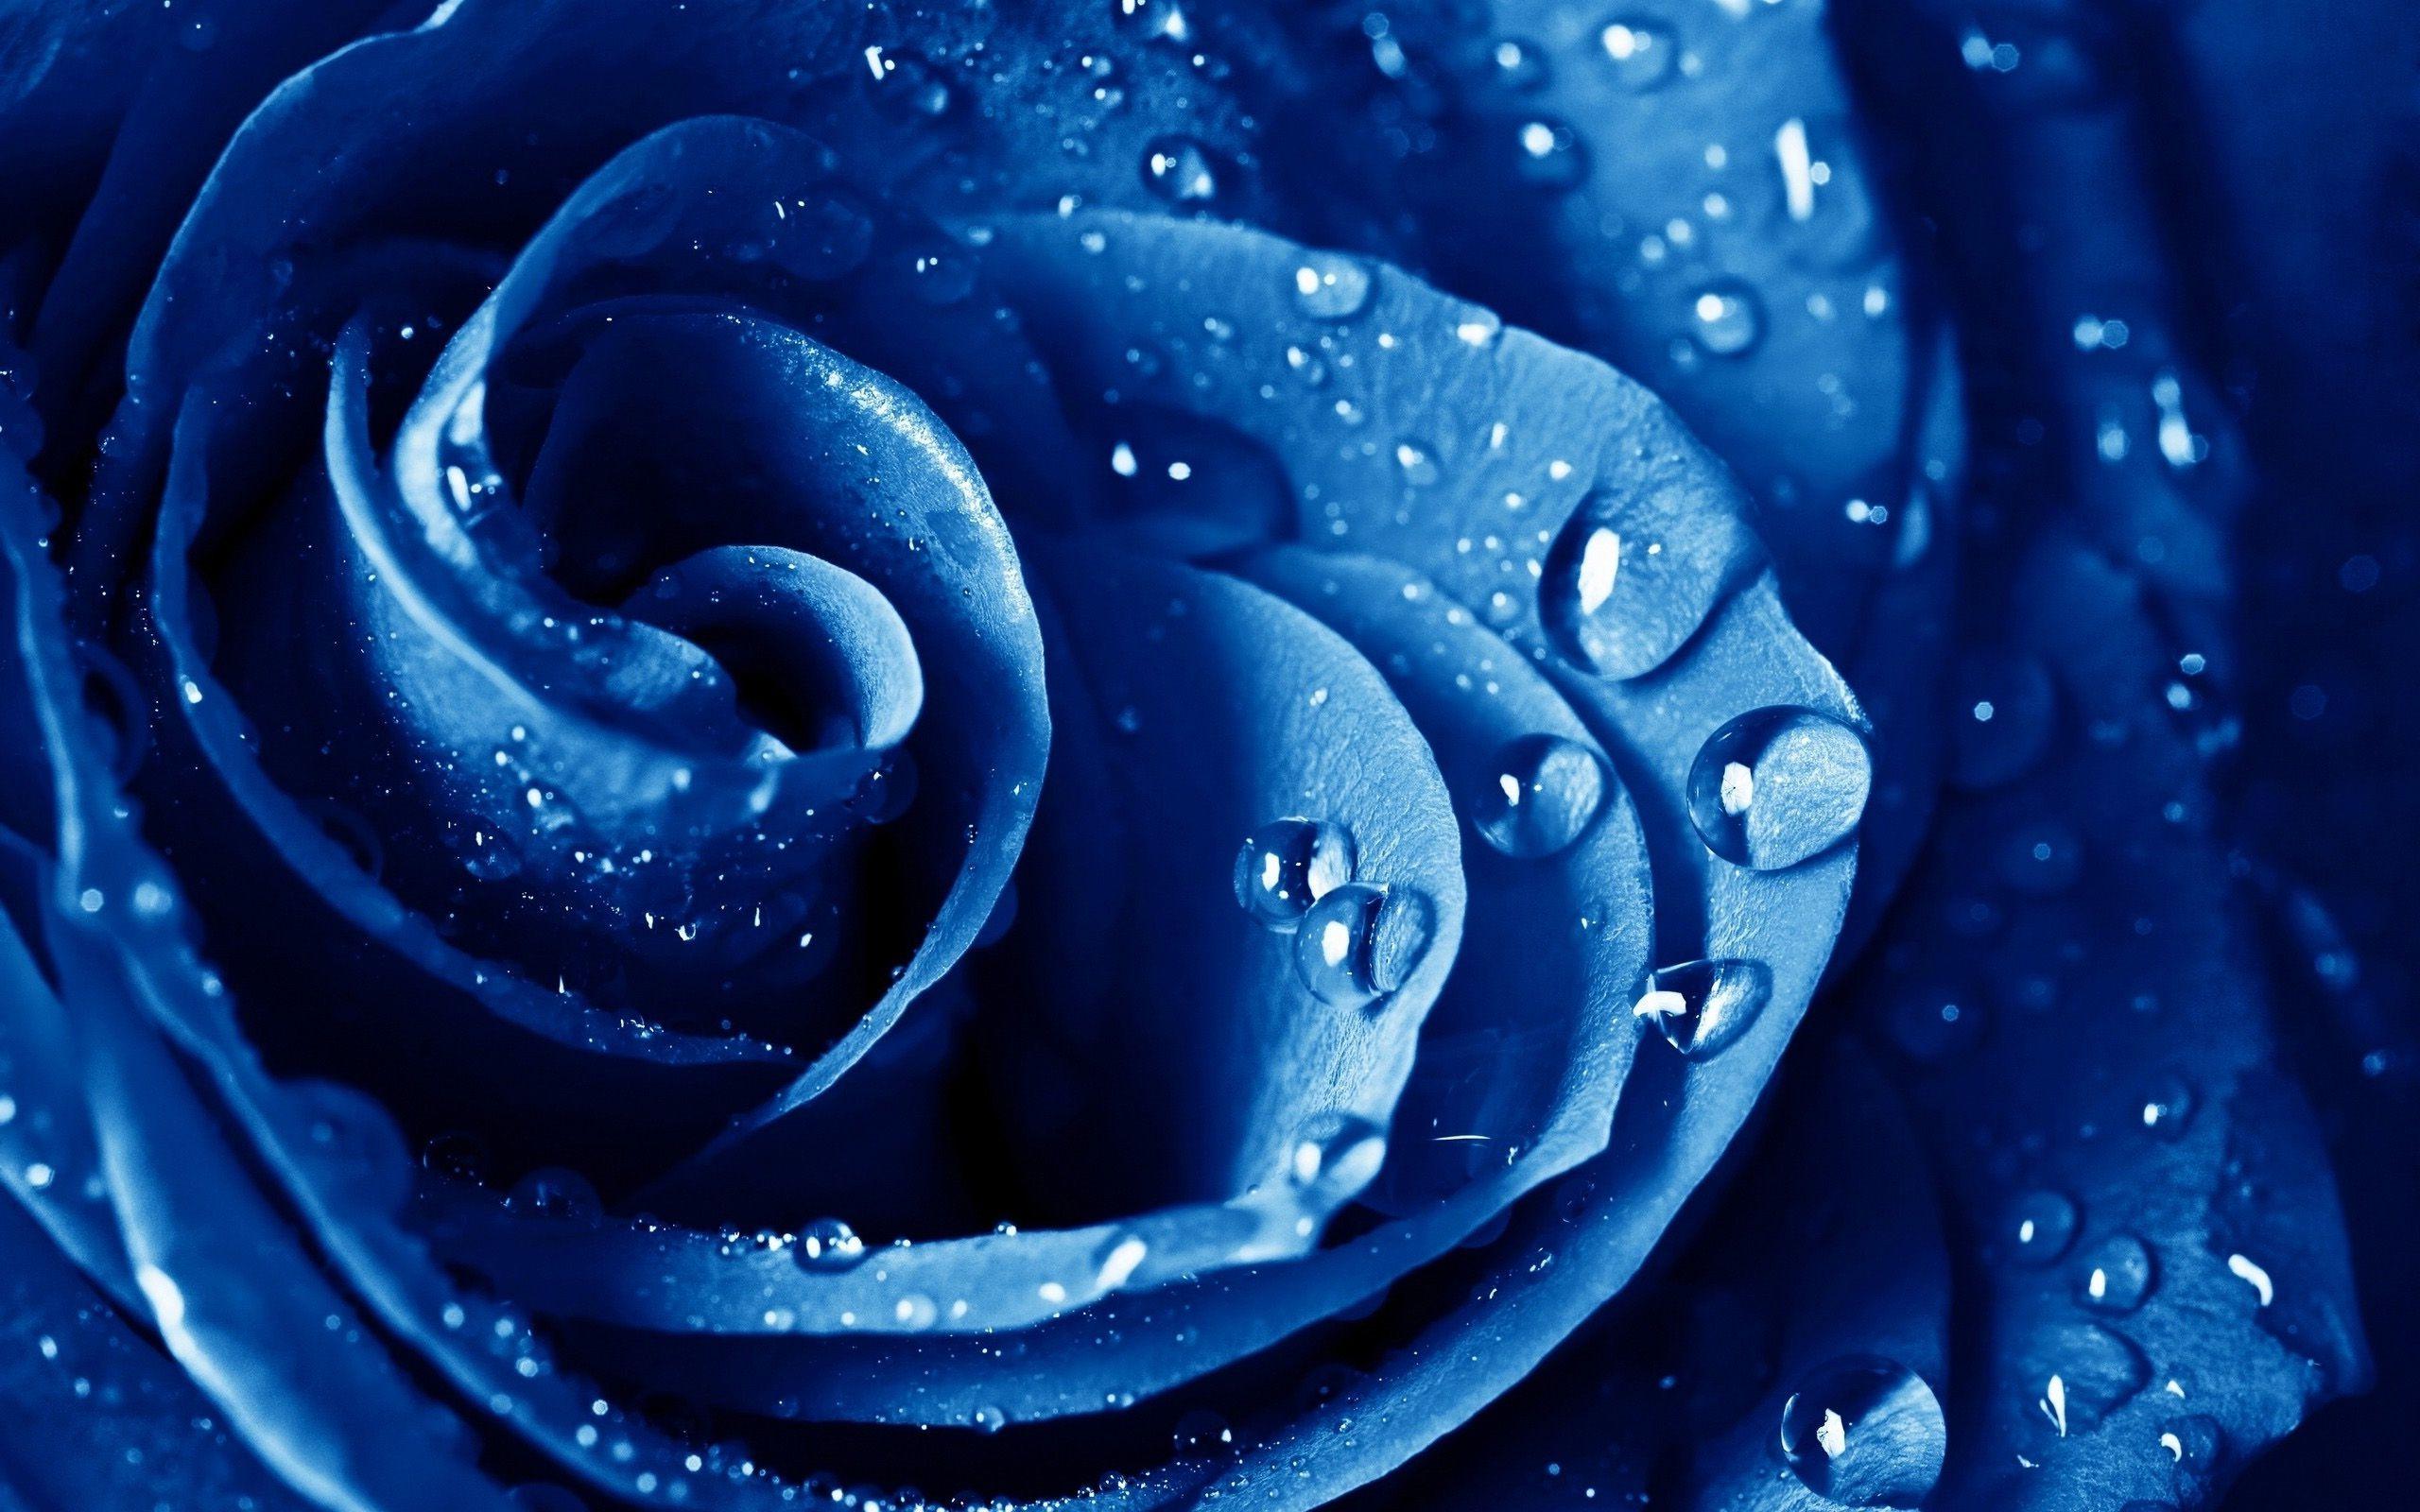 картинки в розово-синем цвете медовые пряники глазурью